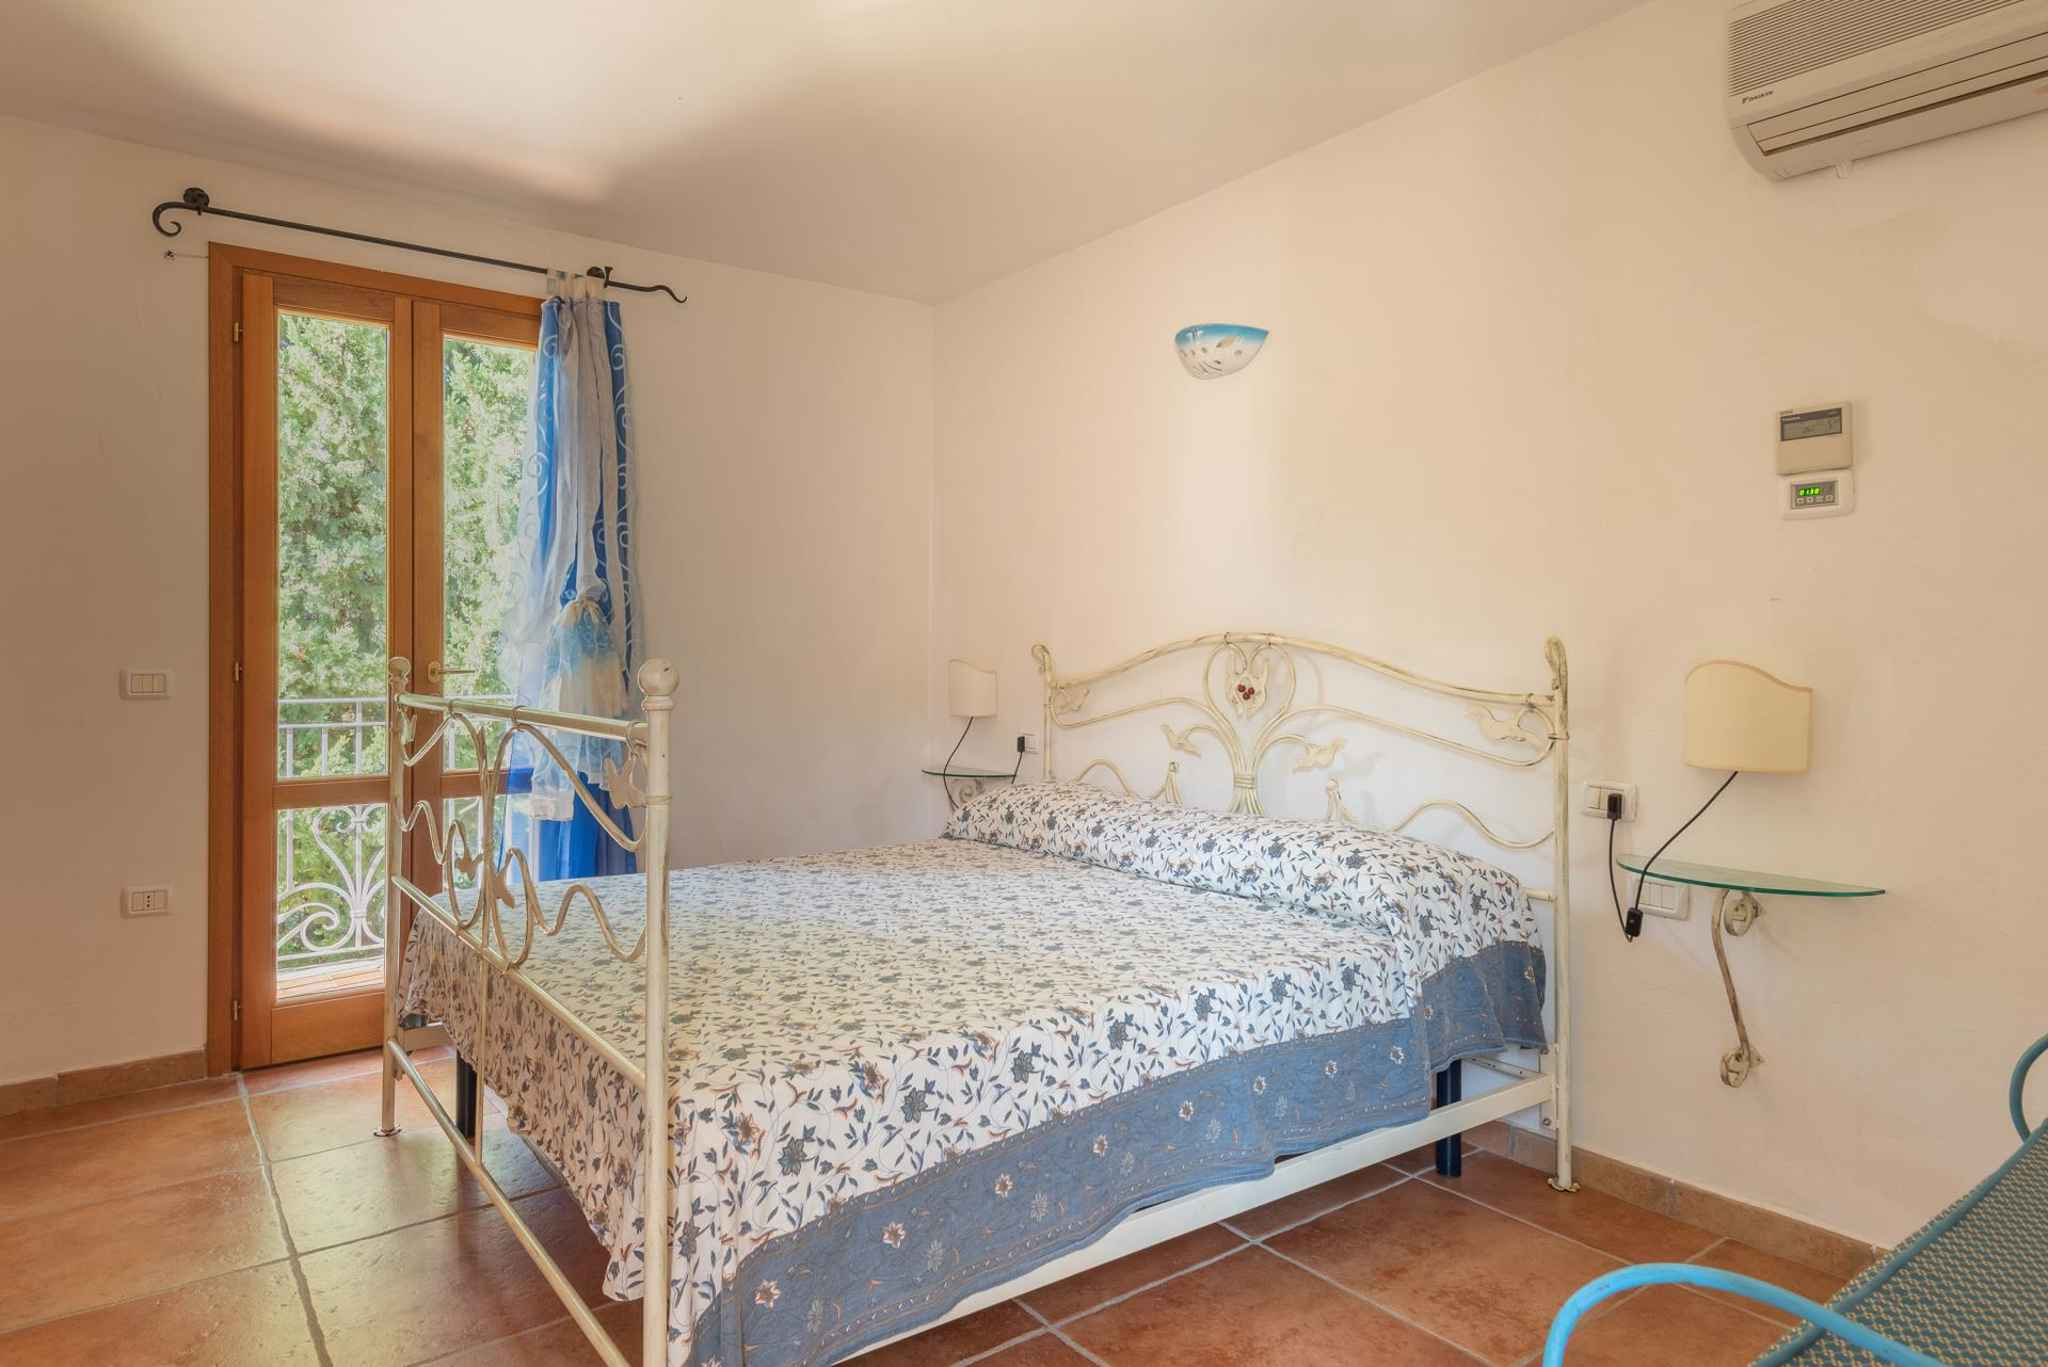 Ferienhaus mit Pool und Klimaanlage (2218540), Budoni, Olbia-Tempio, Sardinien, Italien, Bild 17